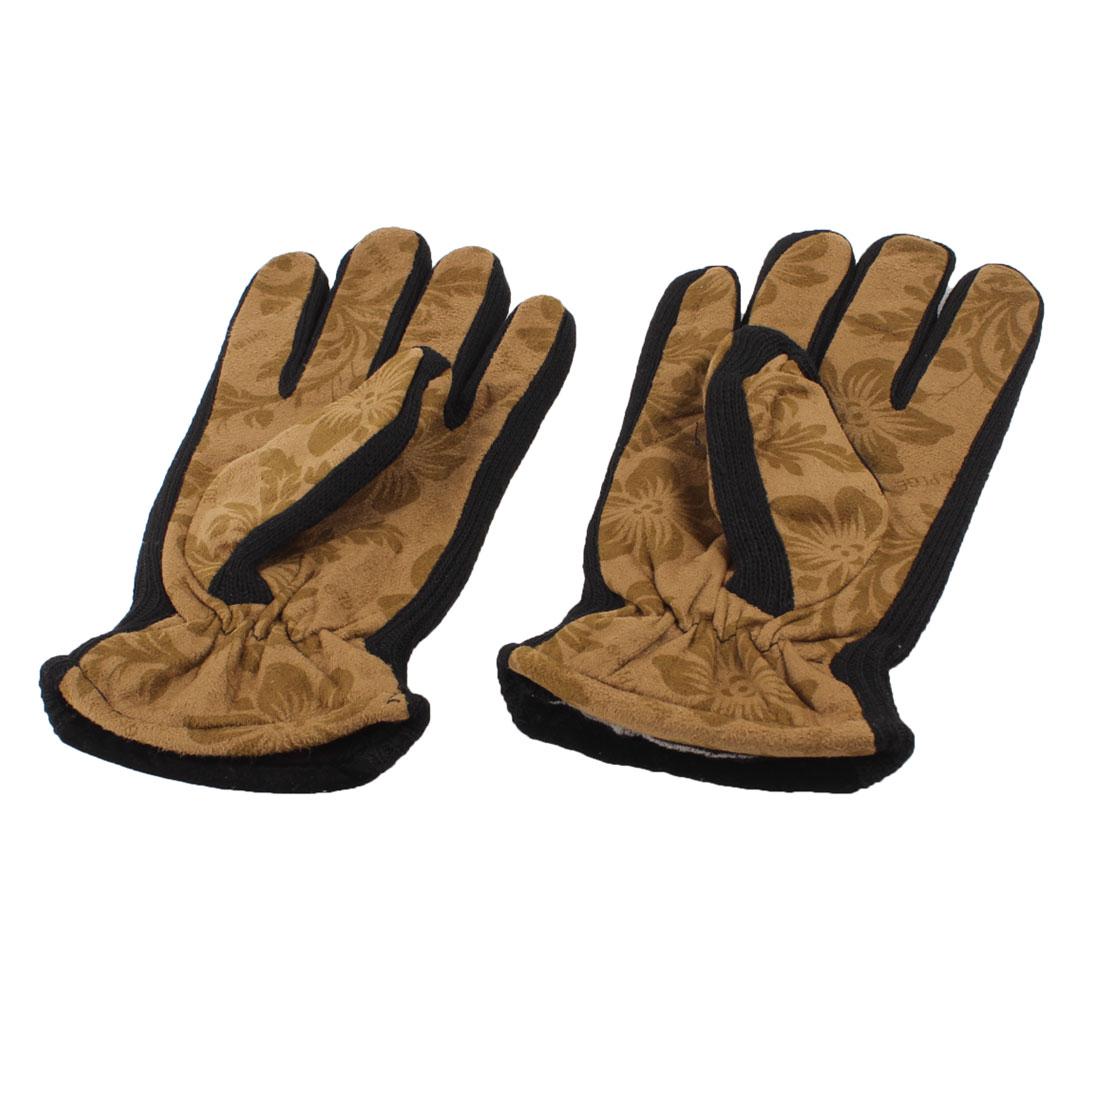 Ladies Wrist Hand Floral Pattern Warmer Warm Gloves Dark Khaki Black Pair